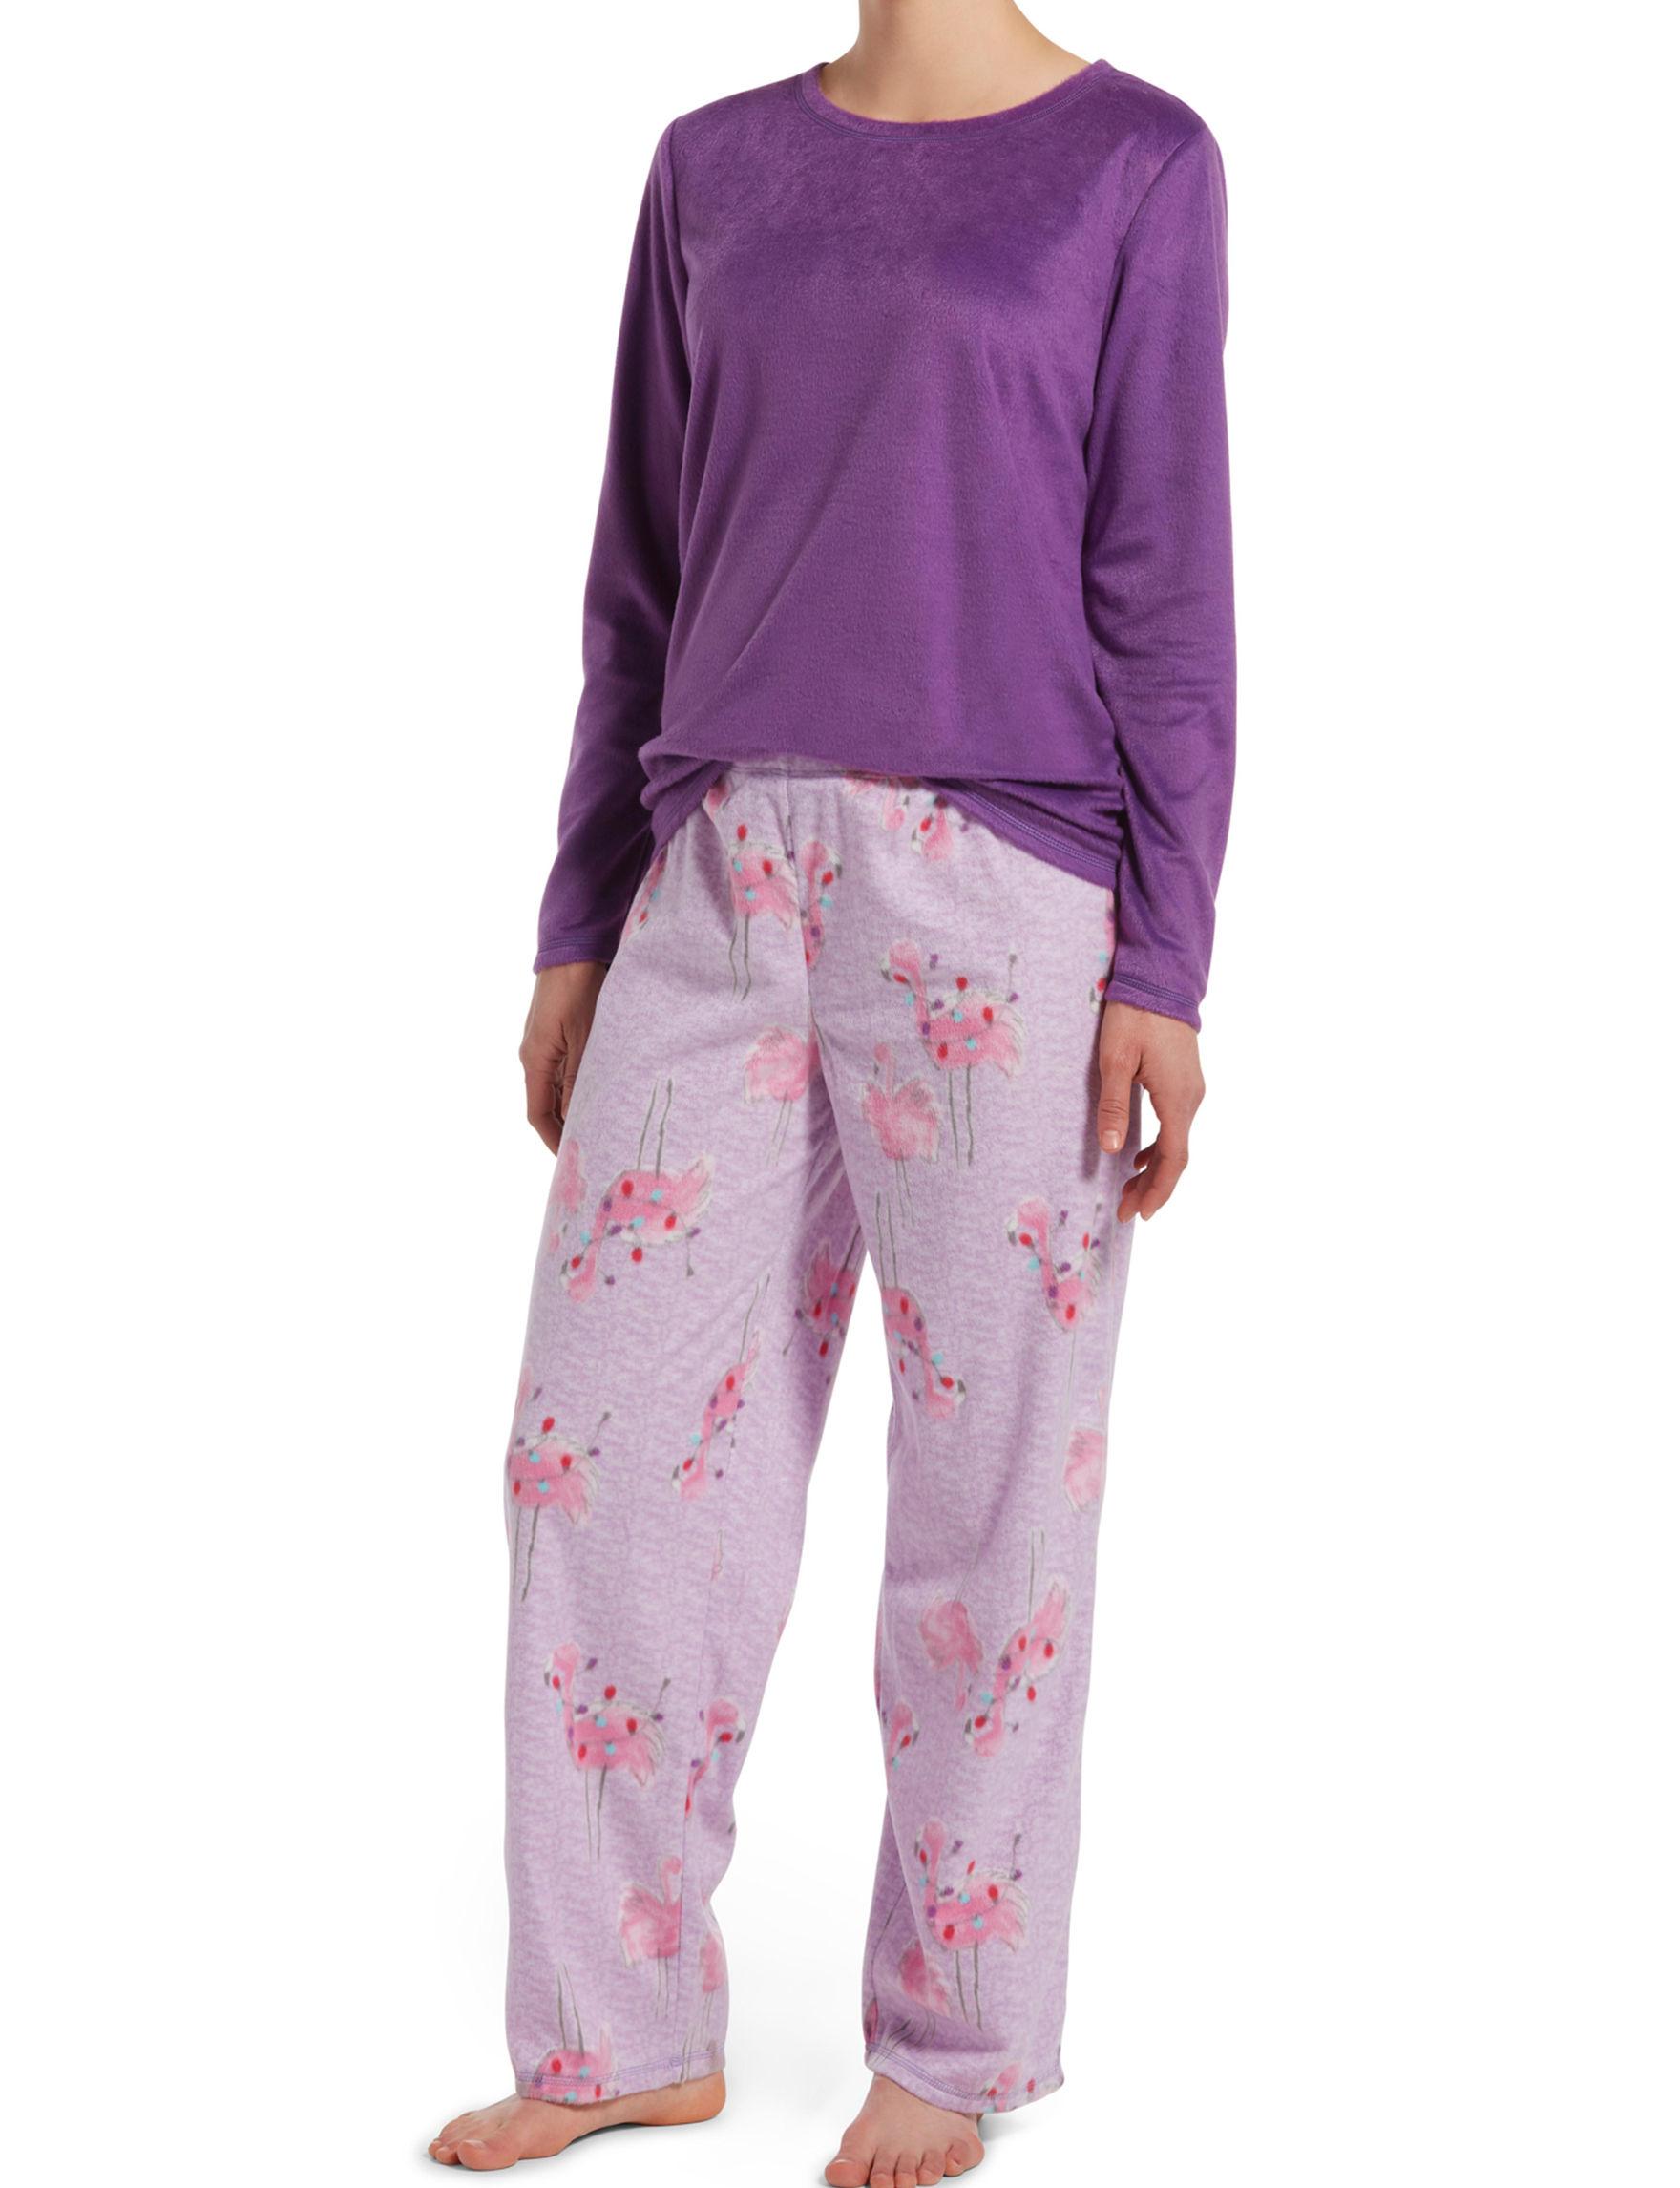 Hue Jewel Purple Pajama Sets